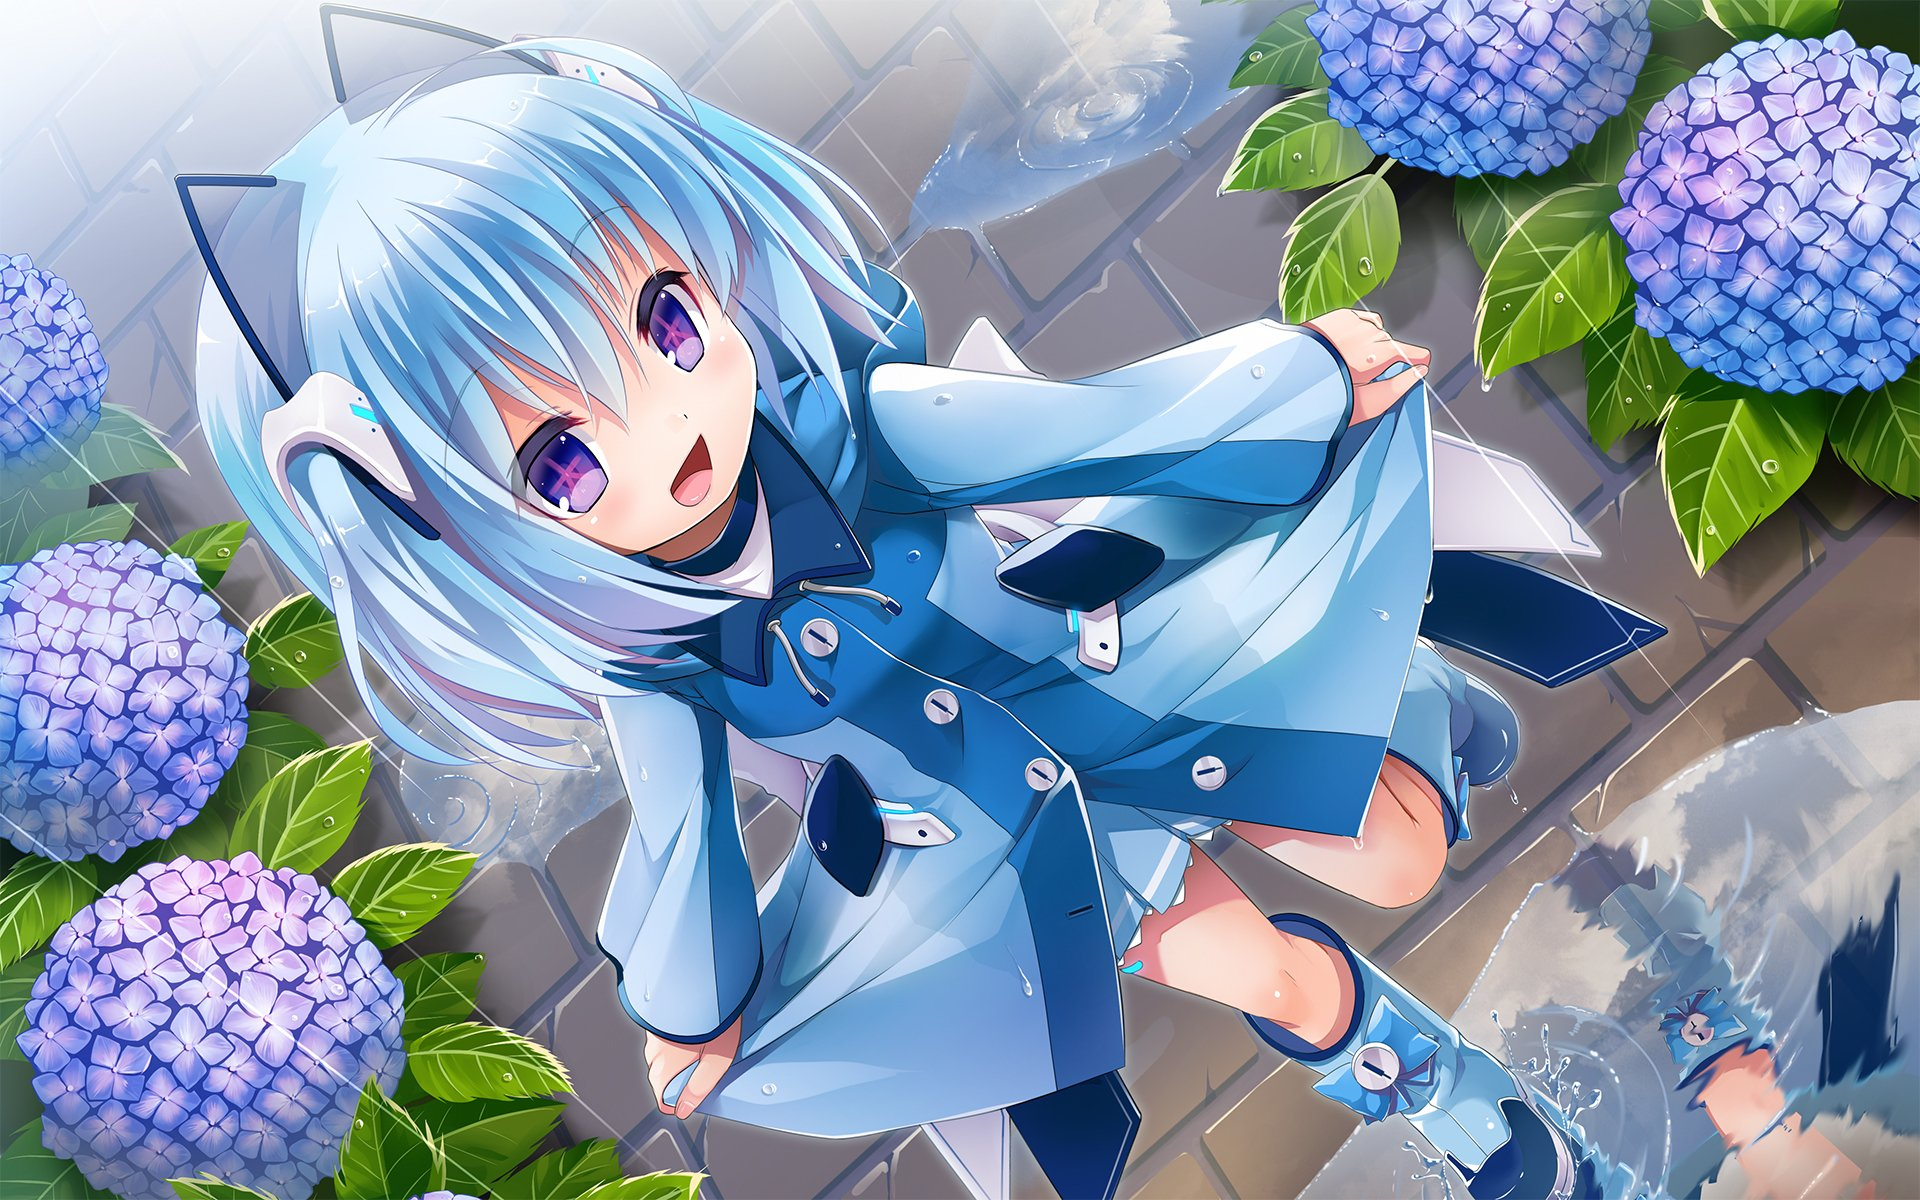 Ảnh anime cô bé tóc xanh dễ thương và đáng yêu